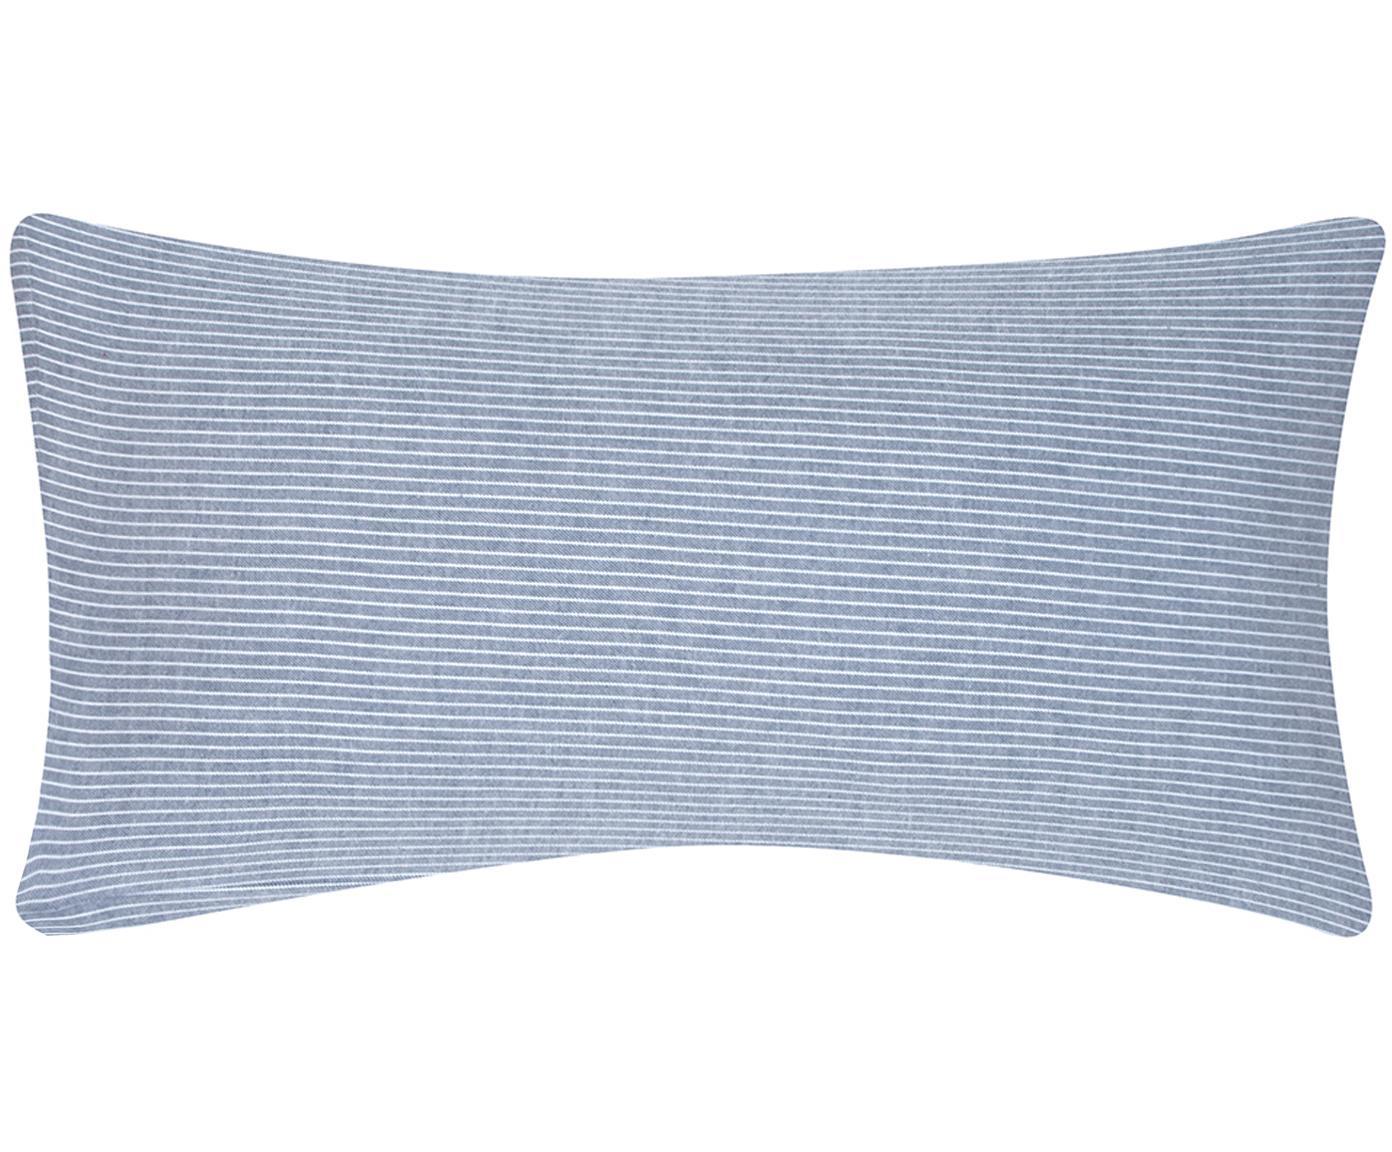 Flanell-Kissenbezüge Rae, fein gestreift, 2 Stück, Webart: Flanell Flanell ist ein s, Blau, Weiß, 40 x 80 cm